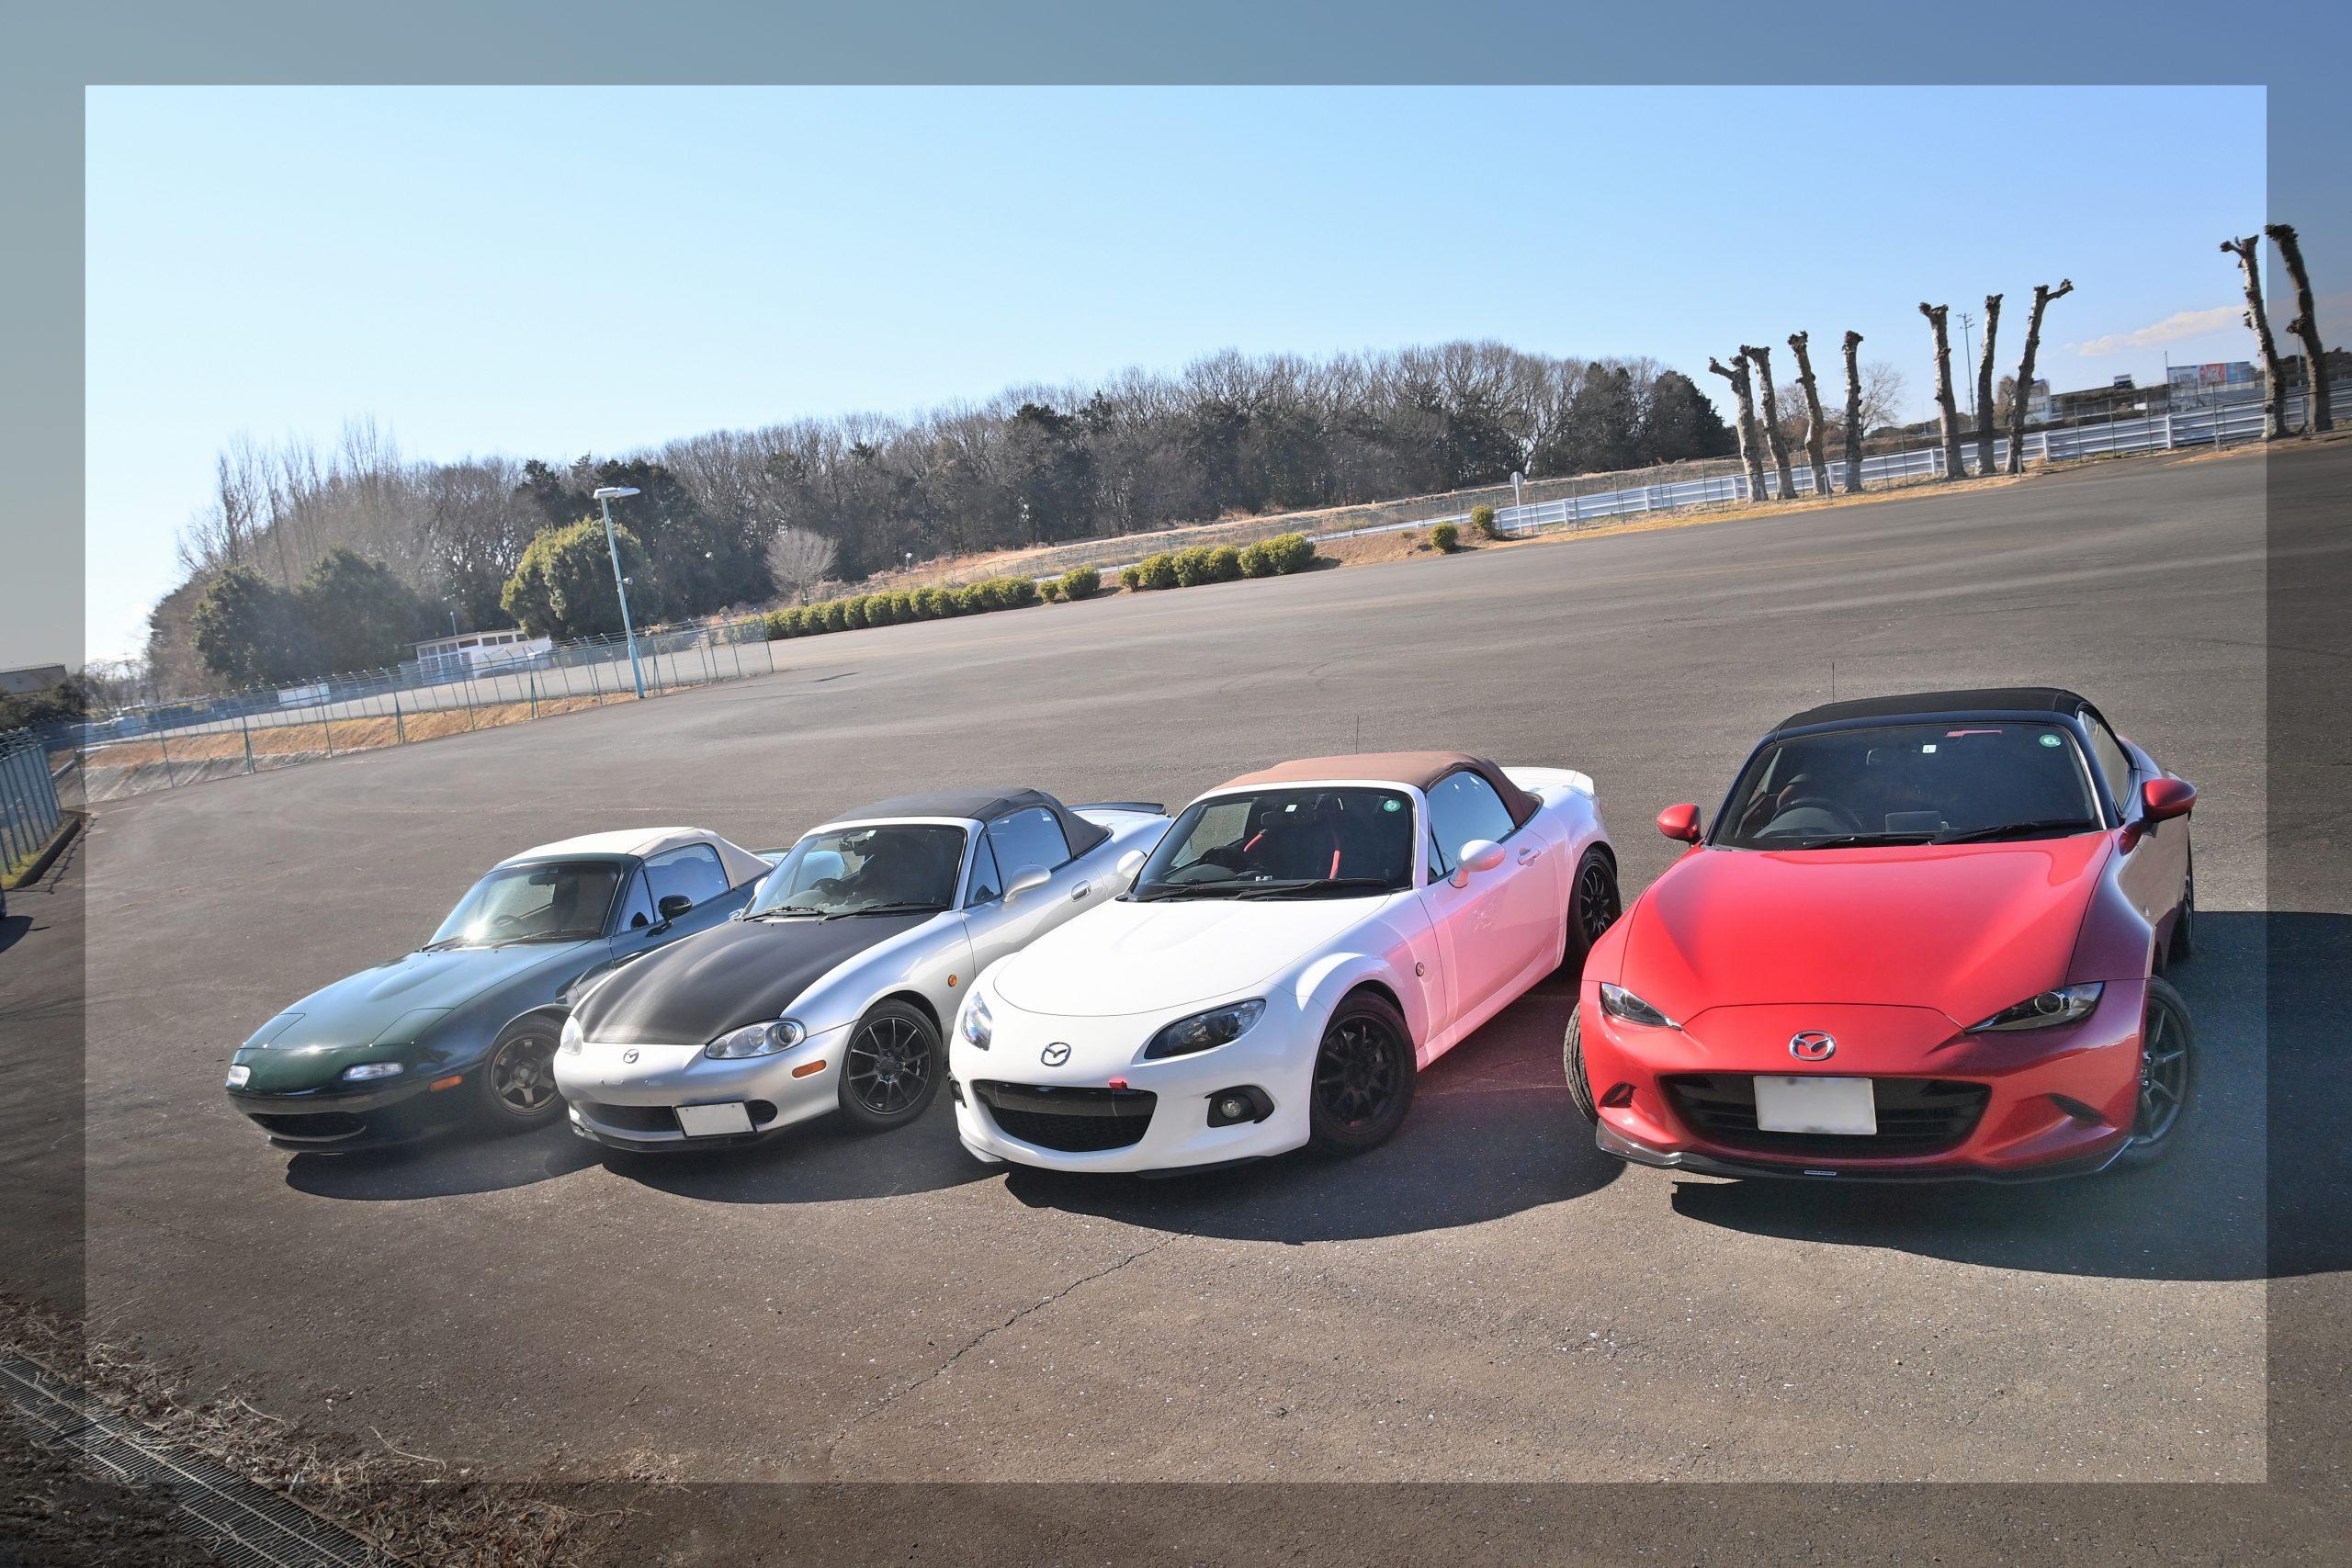 スポーツ走行のベース車として、歴代ロードスターのどれを選ぶのが最適?